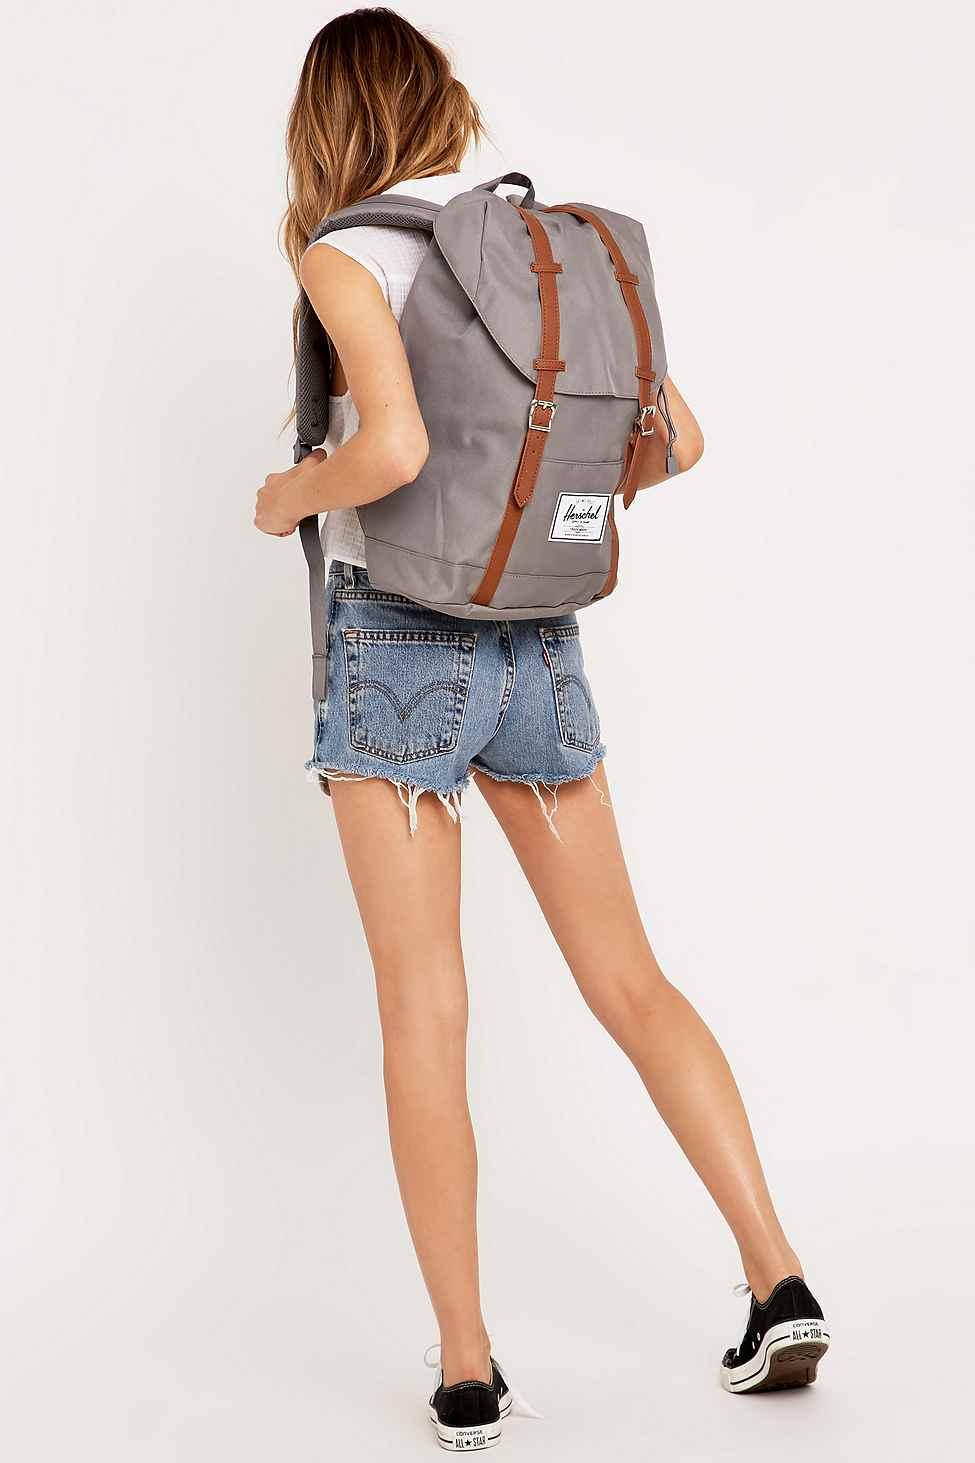 herschel grey серый рюкзак